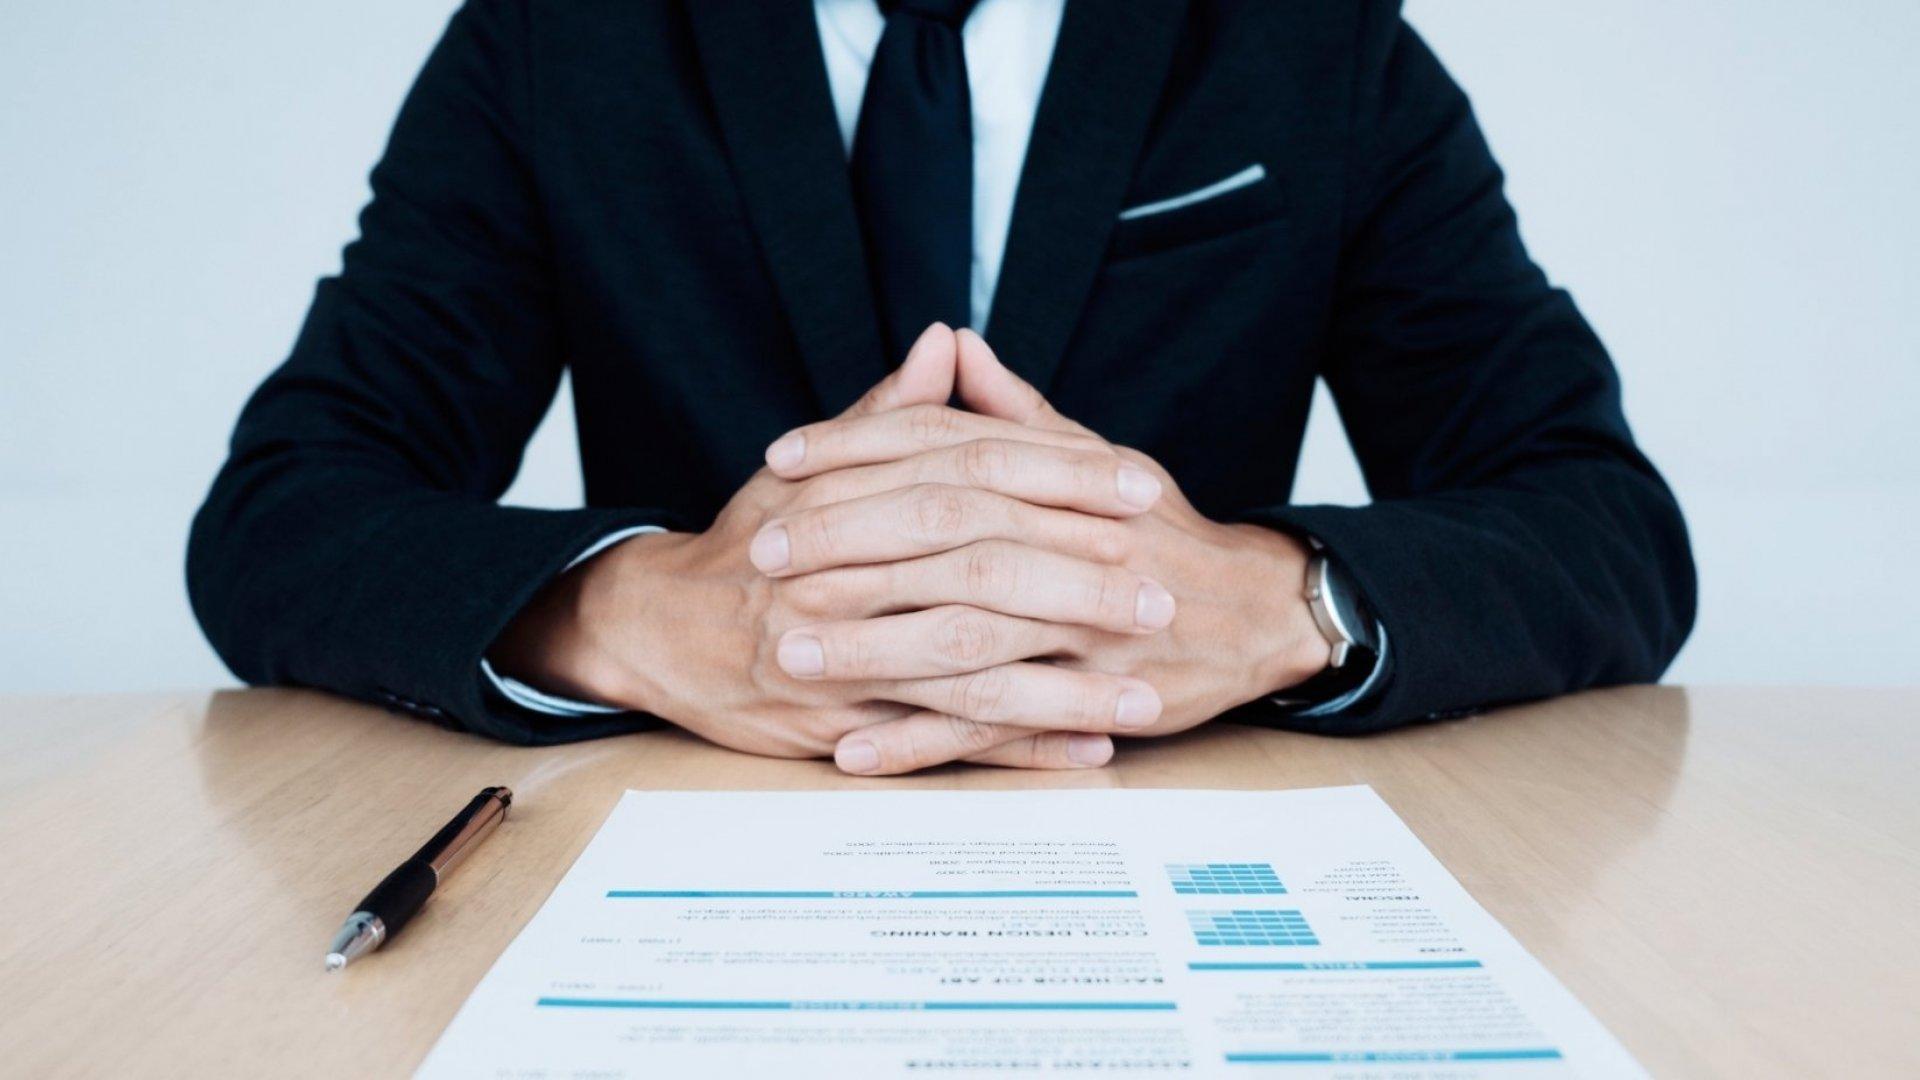 چطور به این سوال کارفرما پاسخ دهیم: چرا محیط کار قبلی را ترک کردی؟